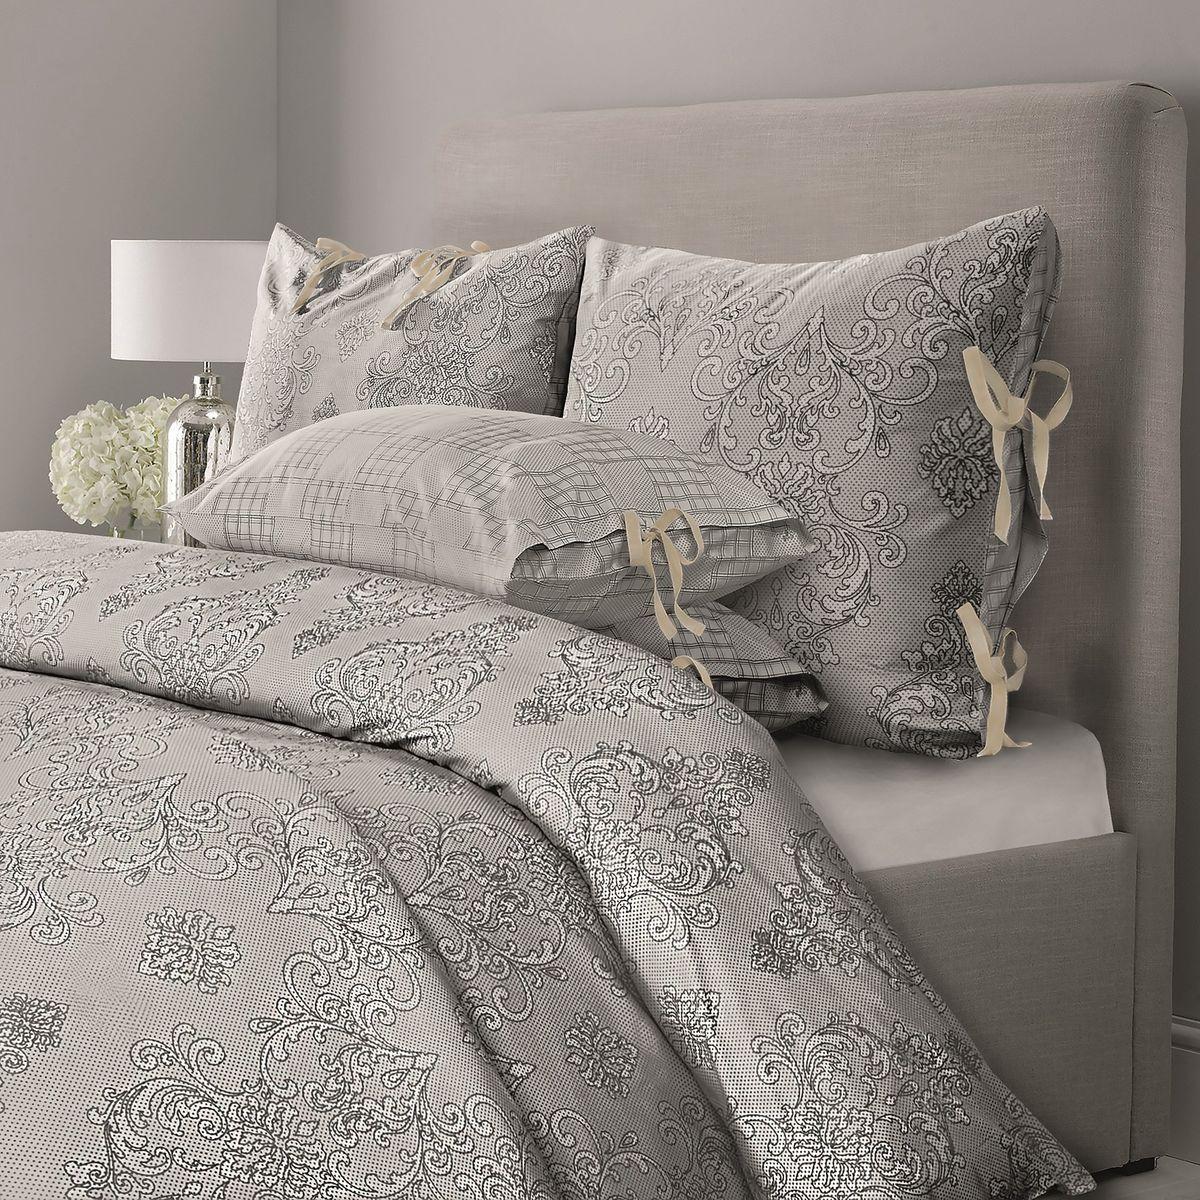 Комплект белья Mona Liza Chalet, семейный, наволочки 50x70, цвет: грозовой синий5760/2Комплекты постельного белья, подушки и одеяла выполнены в современном евростиле. Лаконичность рисунка, сдержанный колорит, элегантность, легкость и благородство — вот основные отличия CHALET. Трендовые полутона действуют расслабляющее и умиротворяюще, Ваш интерьер получится мягким, теплым, «припудренным», в нем будут царить уют и спокойствие.